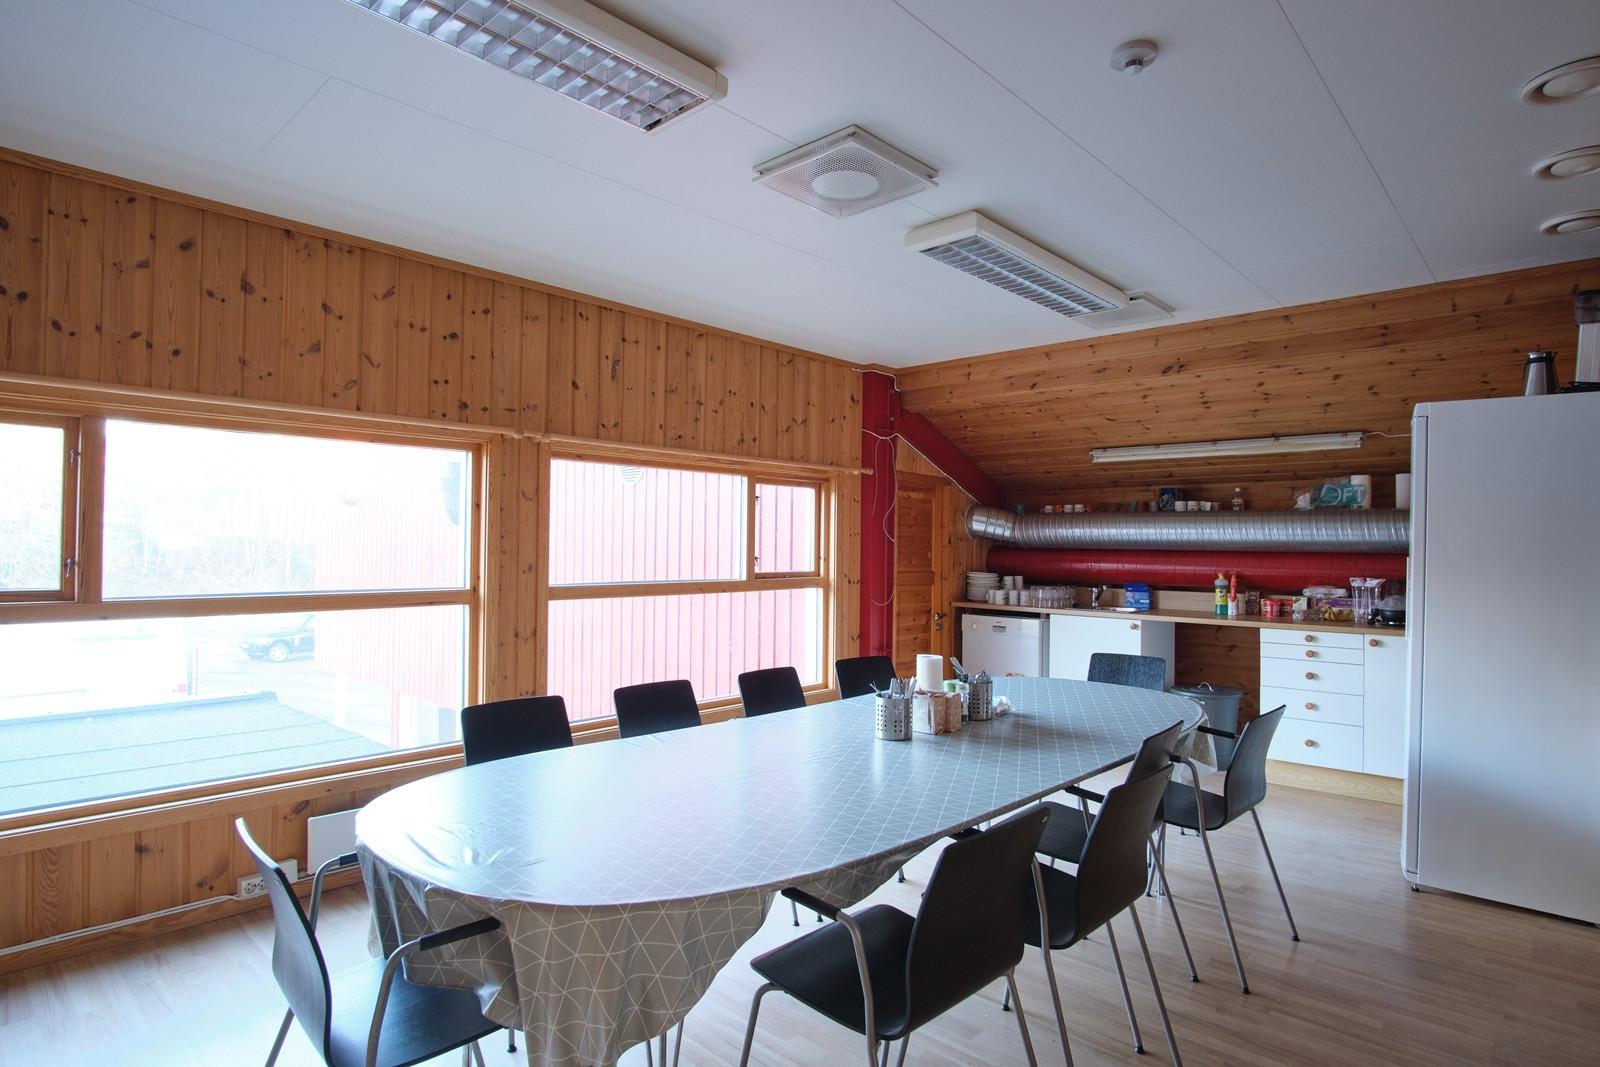 Rommet er av god størrelse med god plass til spisebord m.m.